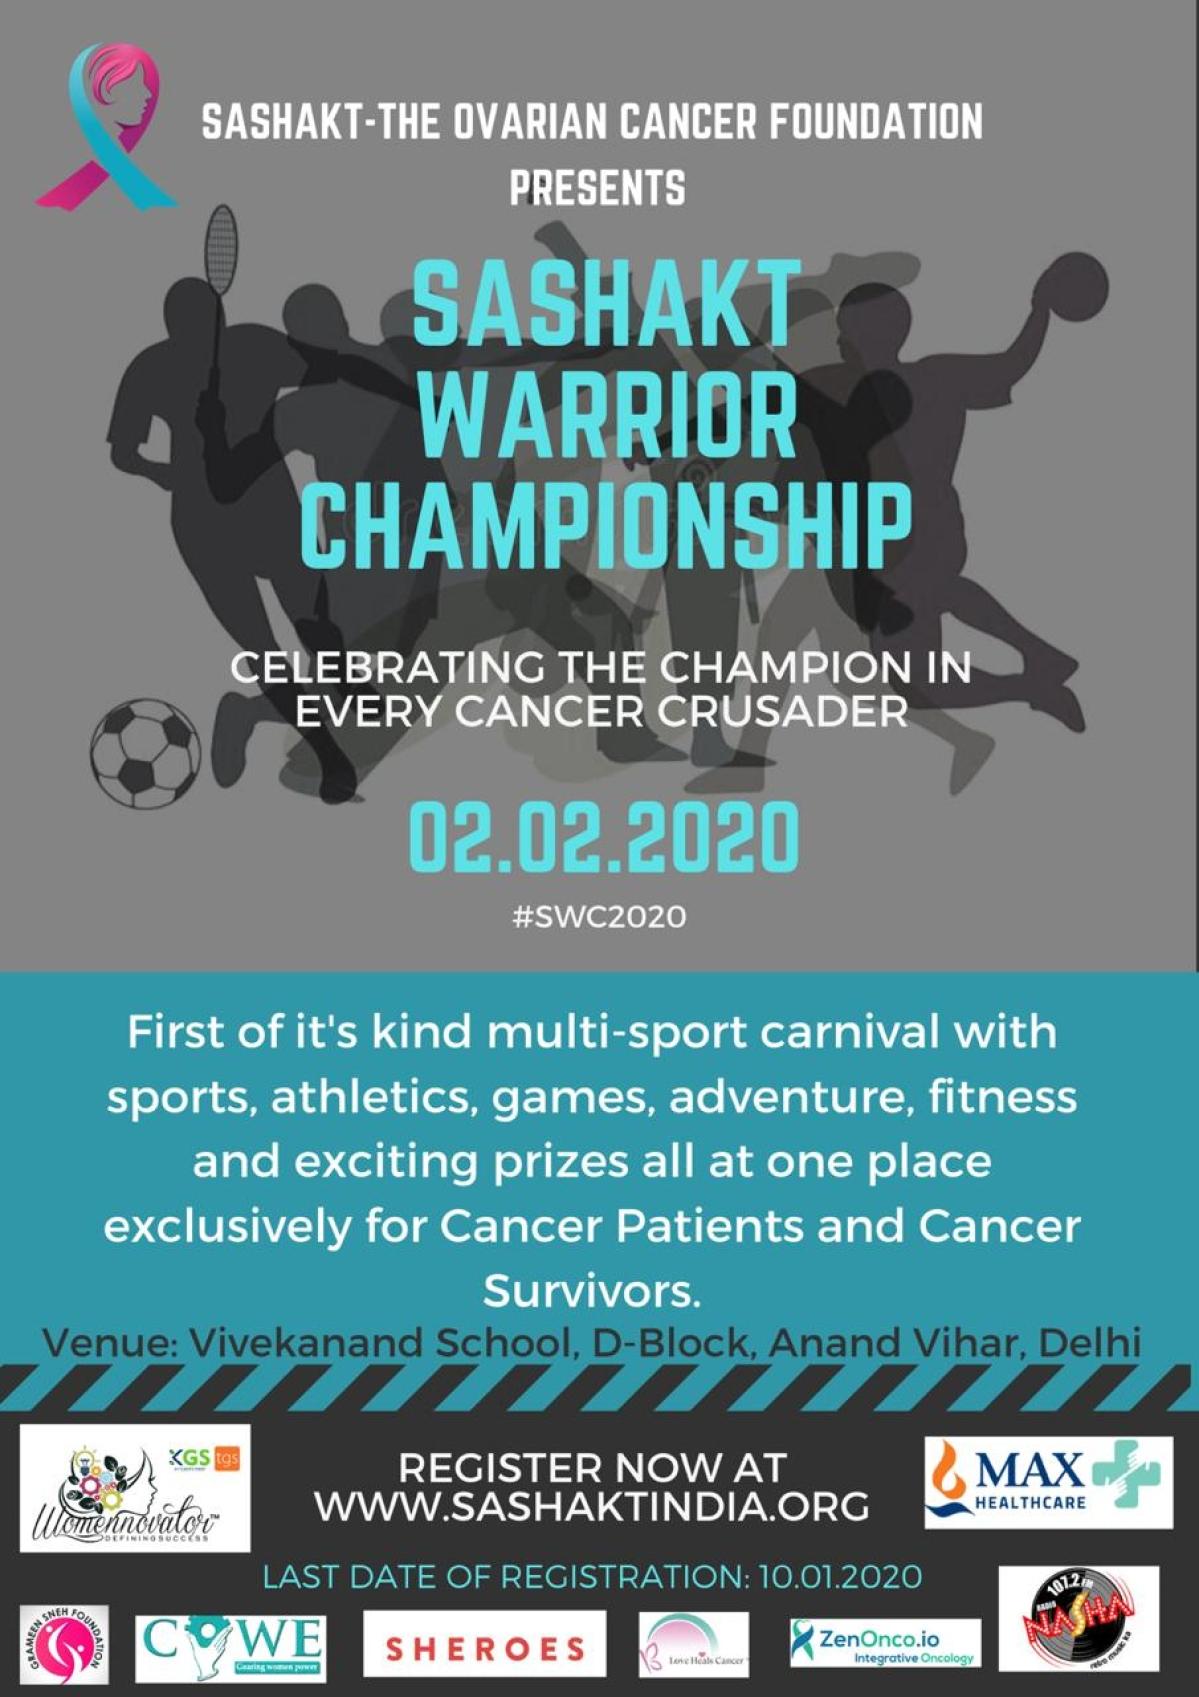 Sashakt - The Ovarian Cancer Foundation organises 'Sashakt Warrior Championship' on The World Cancer Day